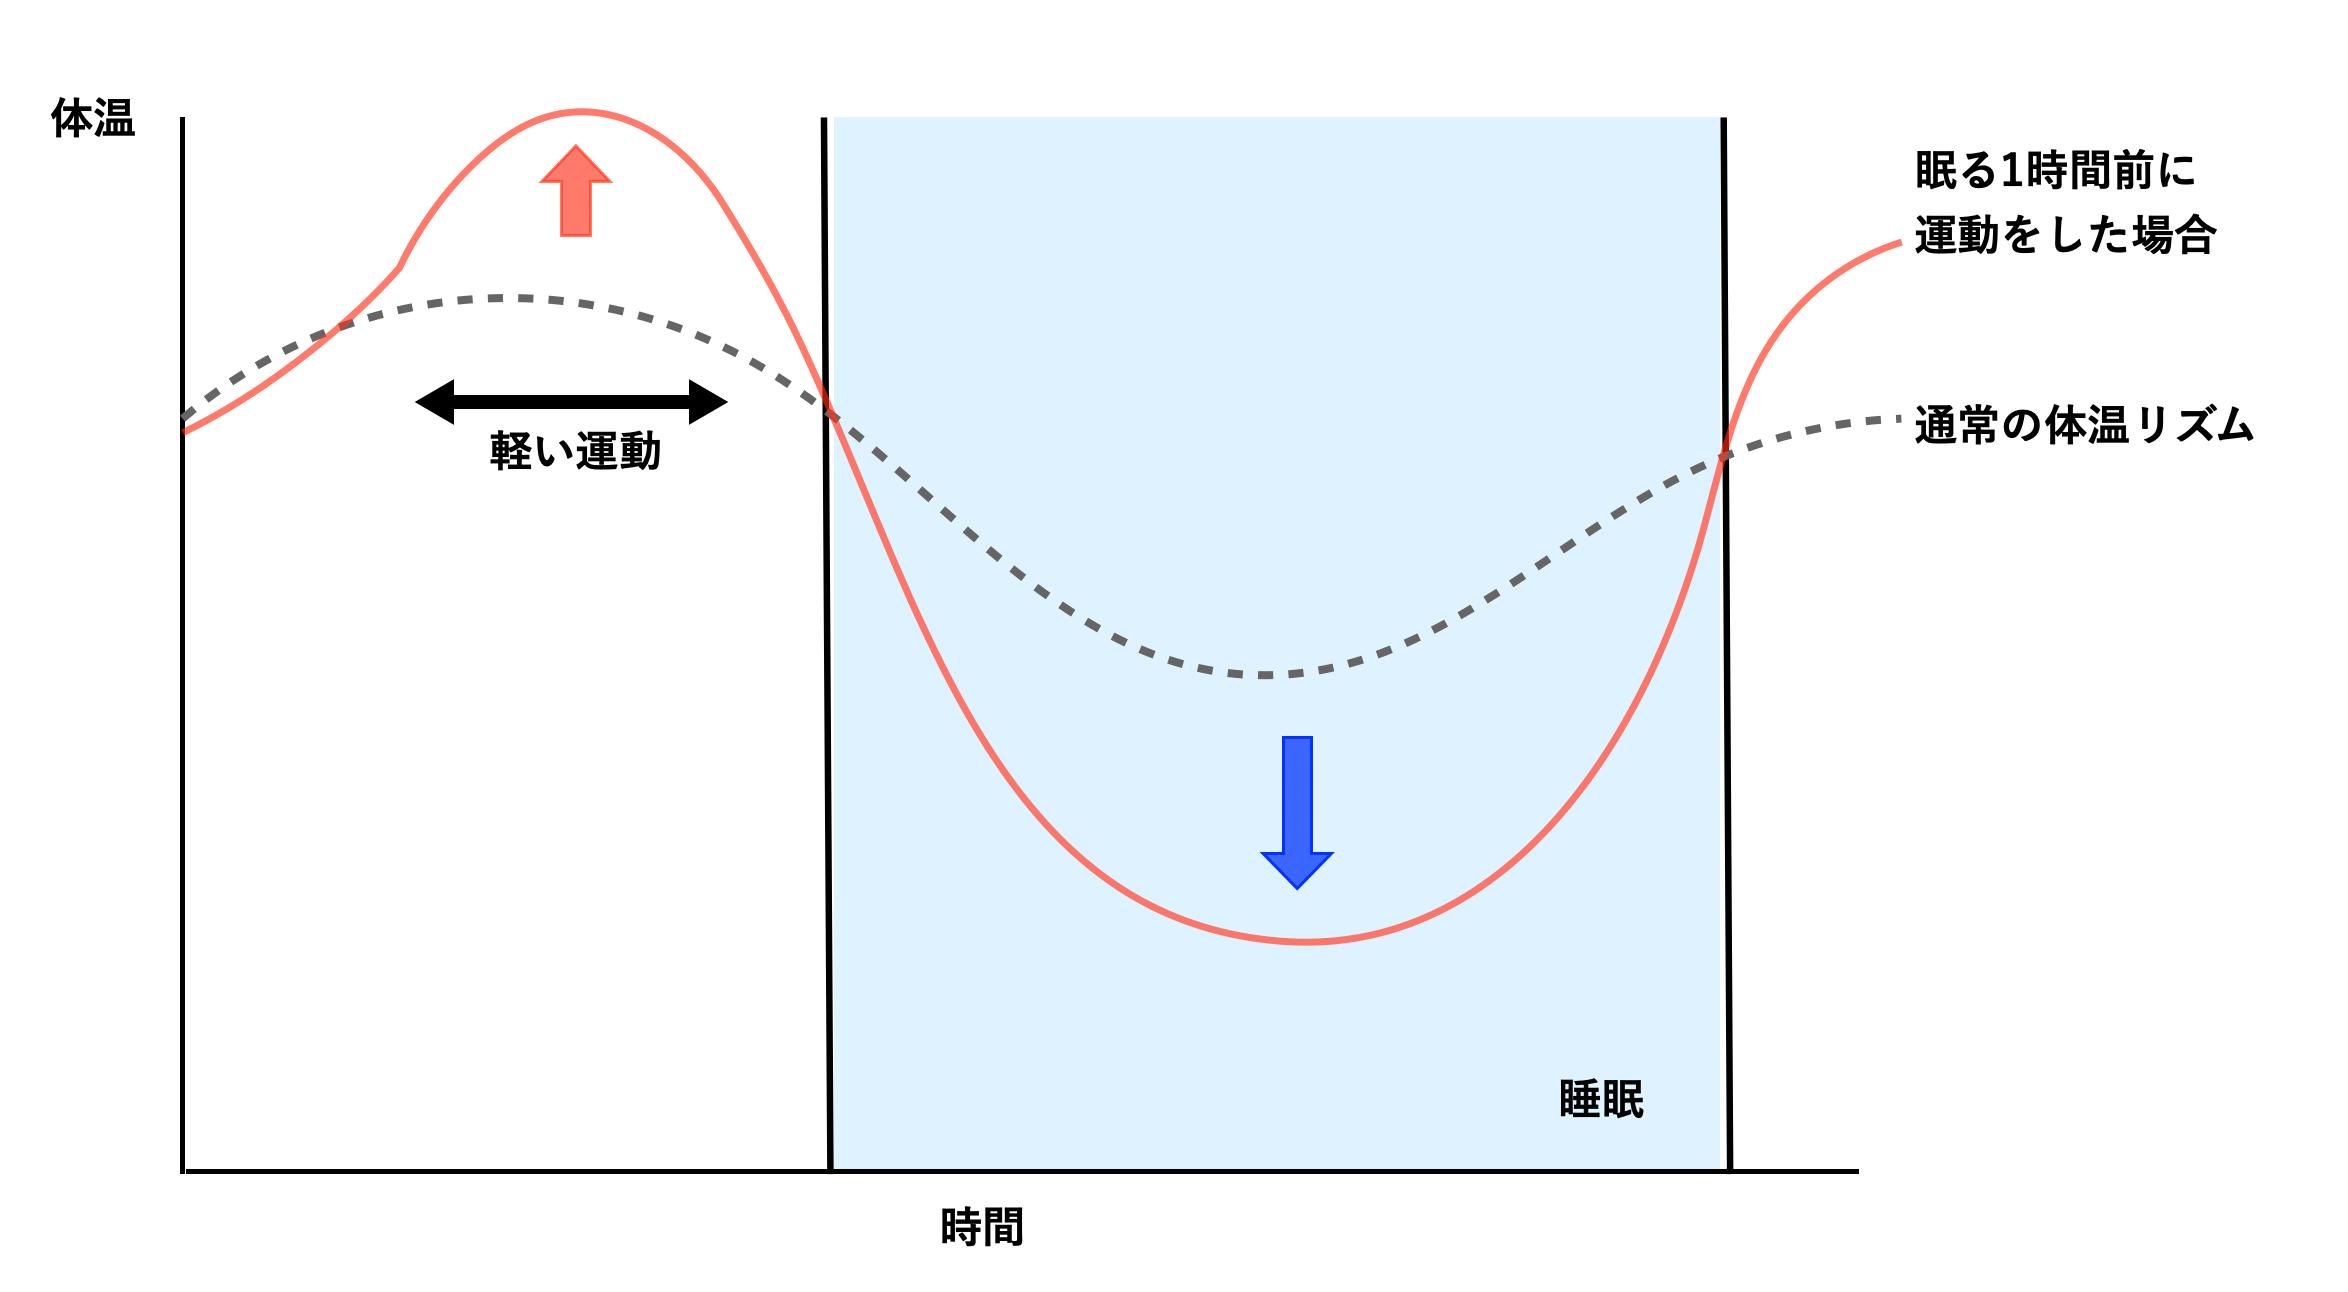 体温と睡眠の関係